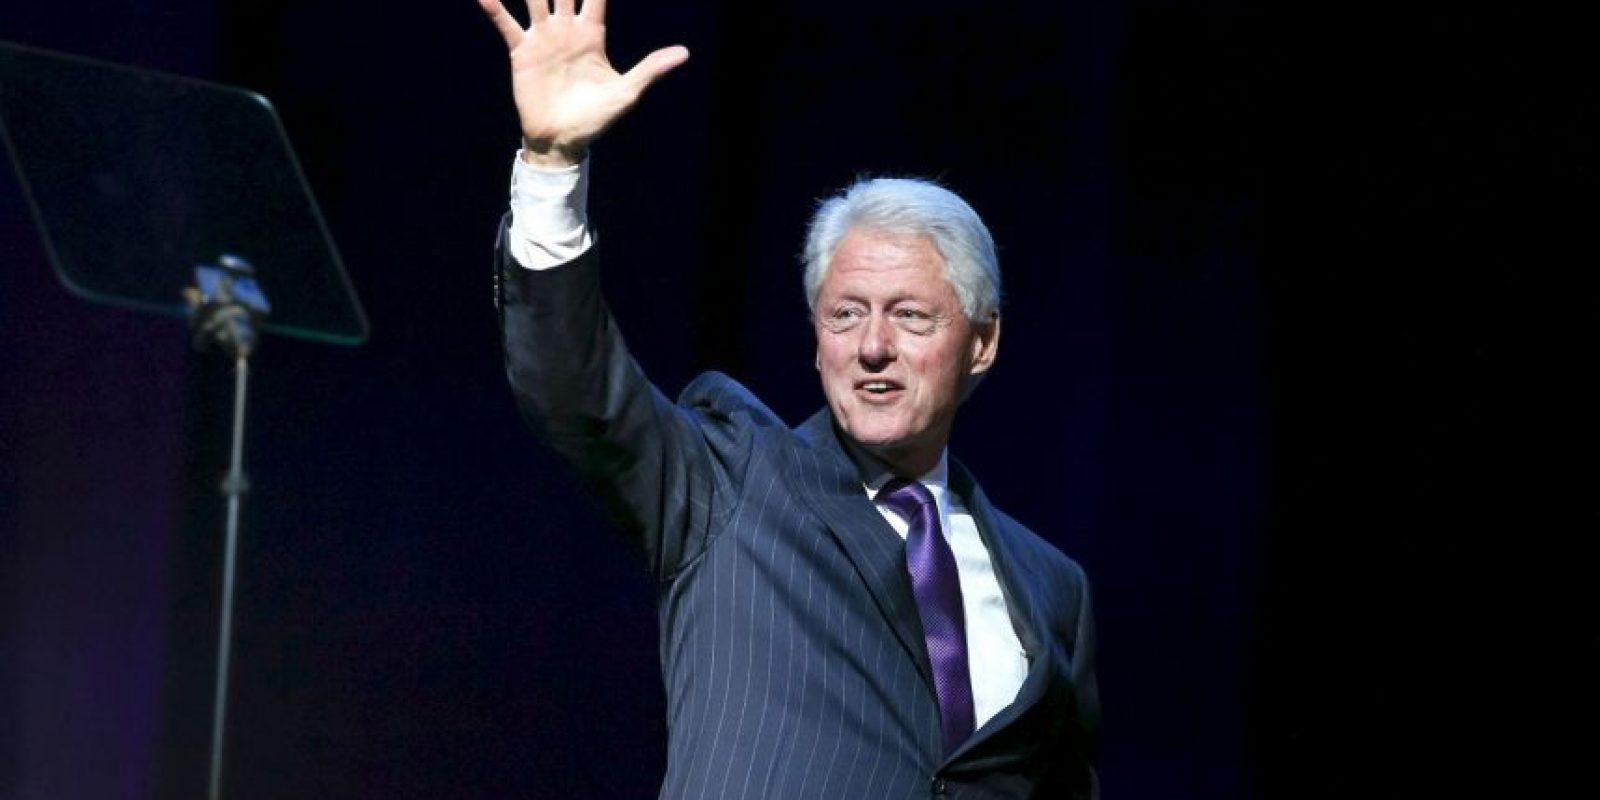 De acuerdo a información de CNN, el padre biológico de Clinton murió antes de su nacimiento. Su padrastro le dio el apellido y lo crió Foto:Getty Images